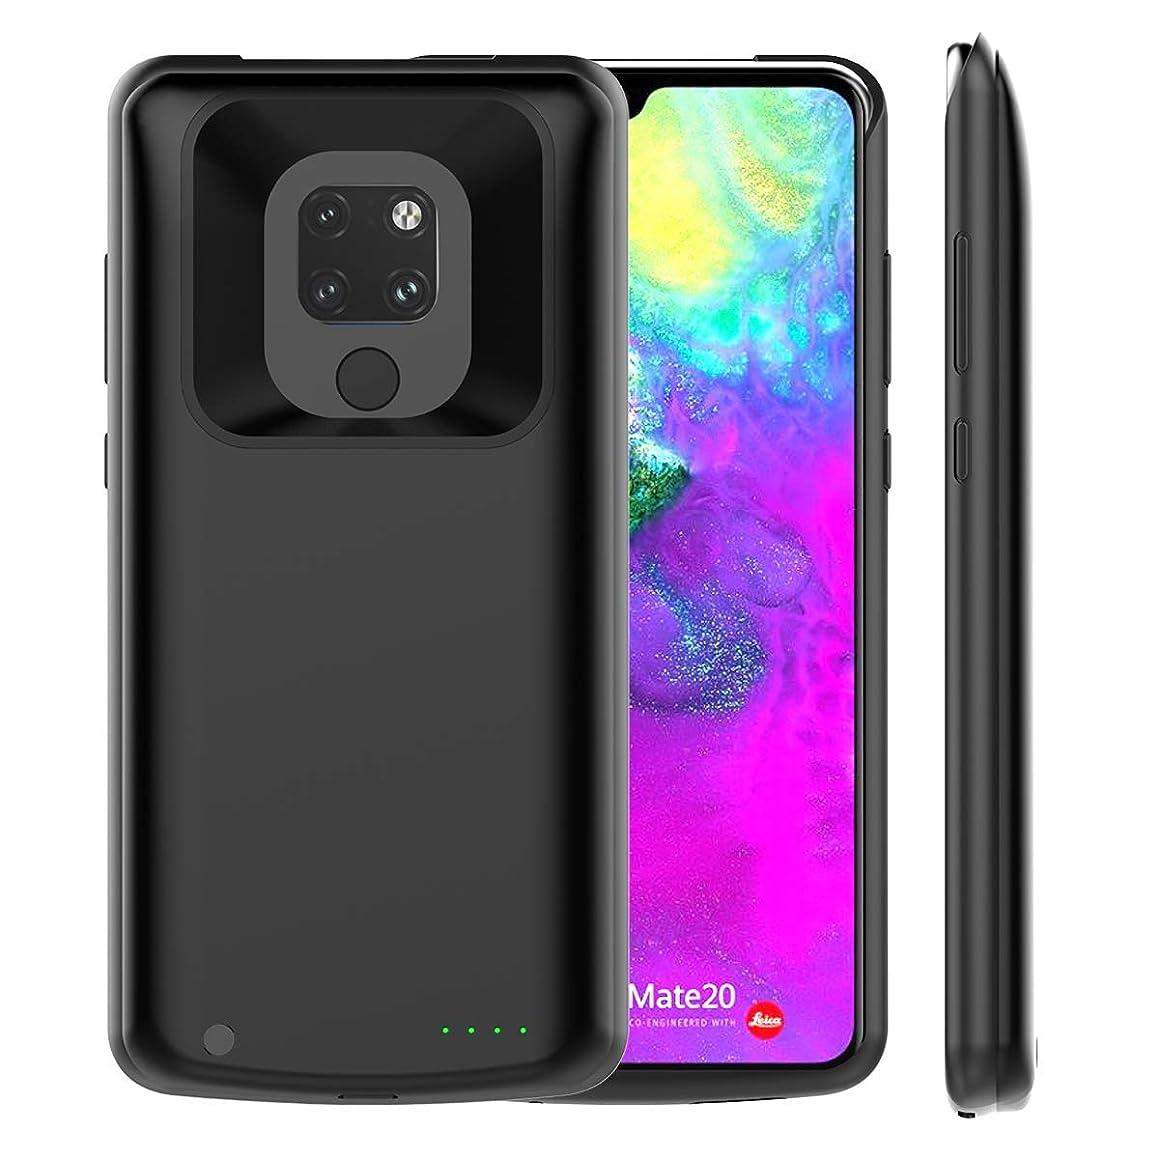 怪物抵抗力があるカレンダーHuawei Mate 20 超スリムバッテリーケースカバー携帯電話ケース Happon [Anti-Slip] ポーチ 設計 Huawei Mate 20 - Black